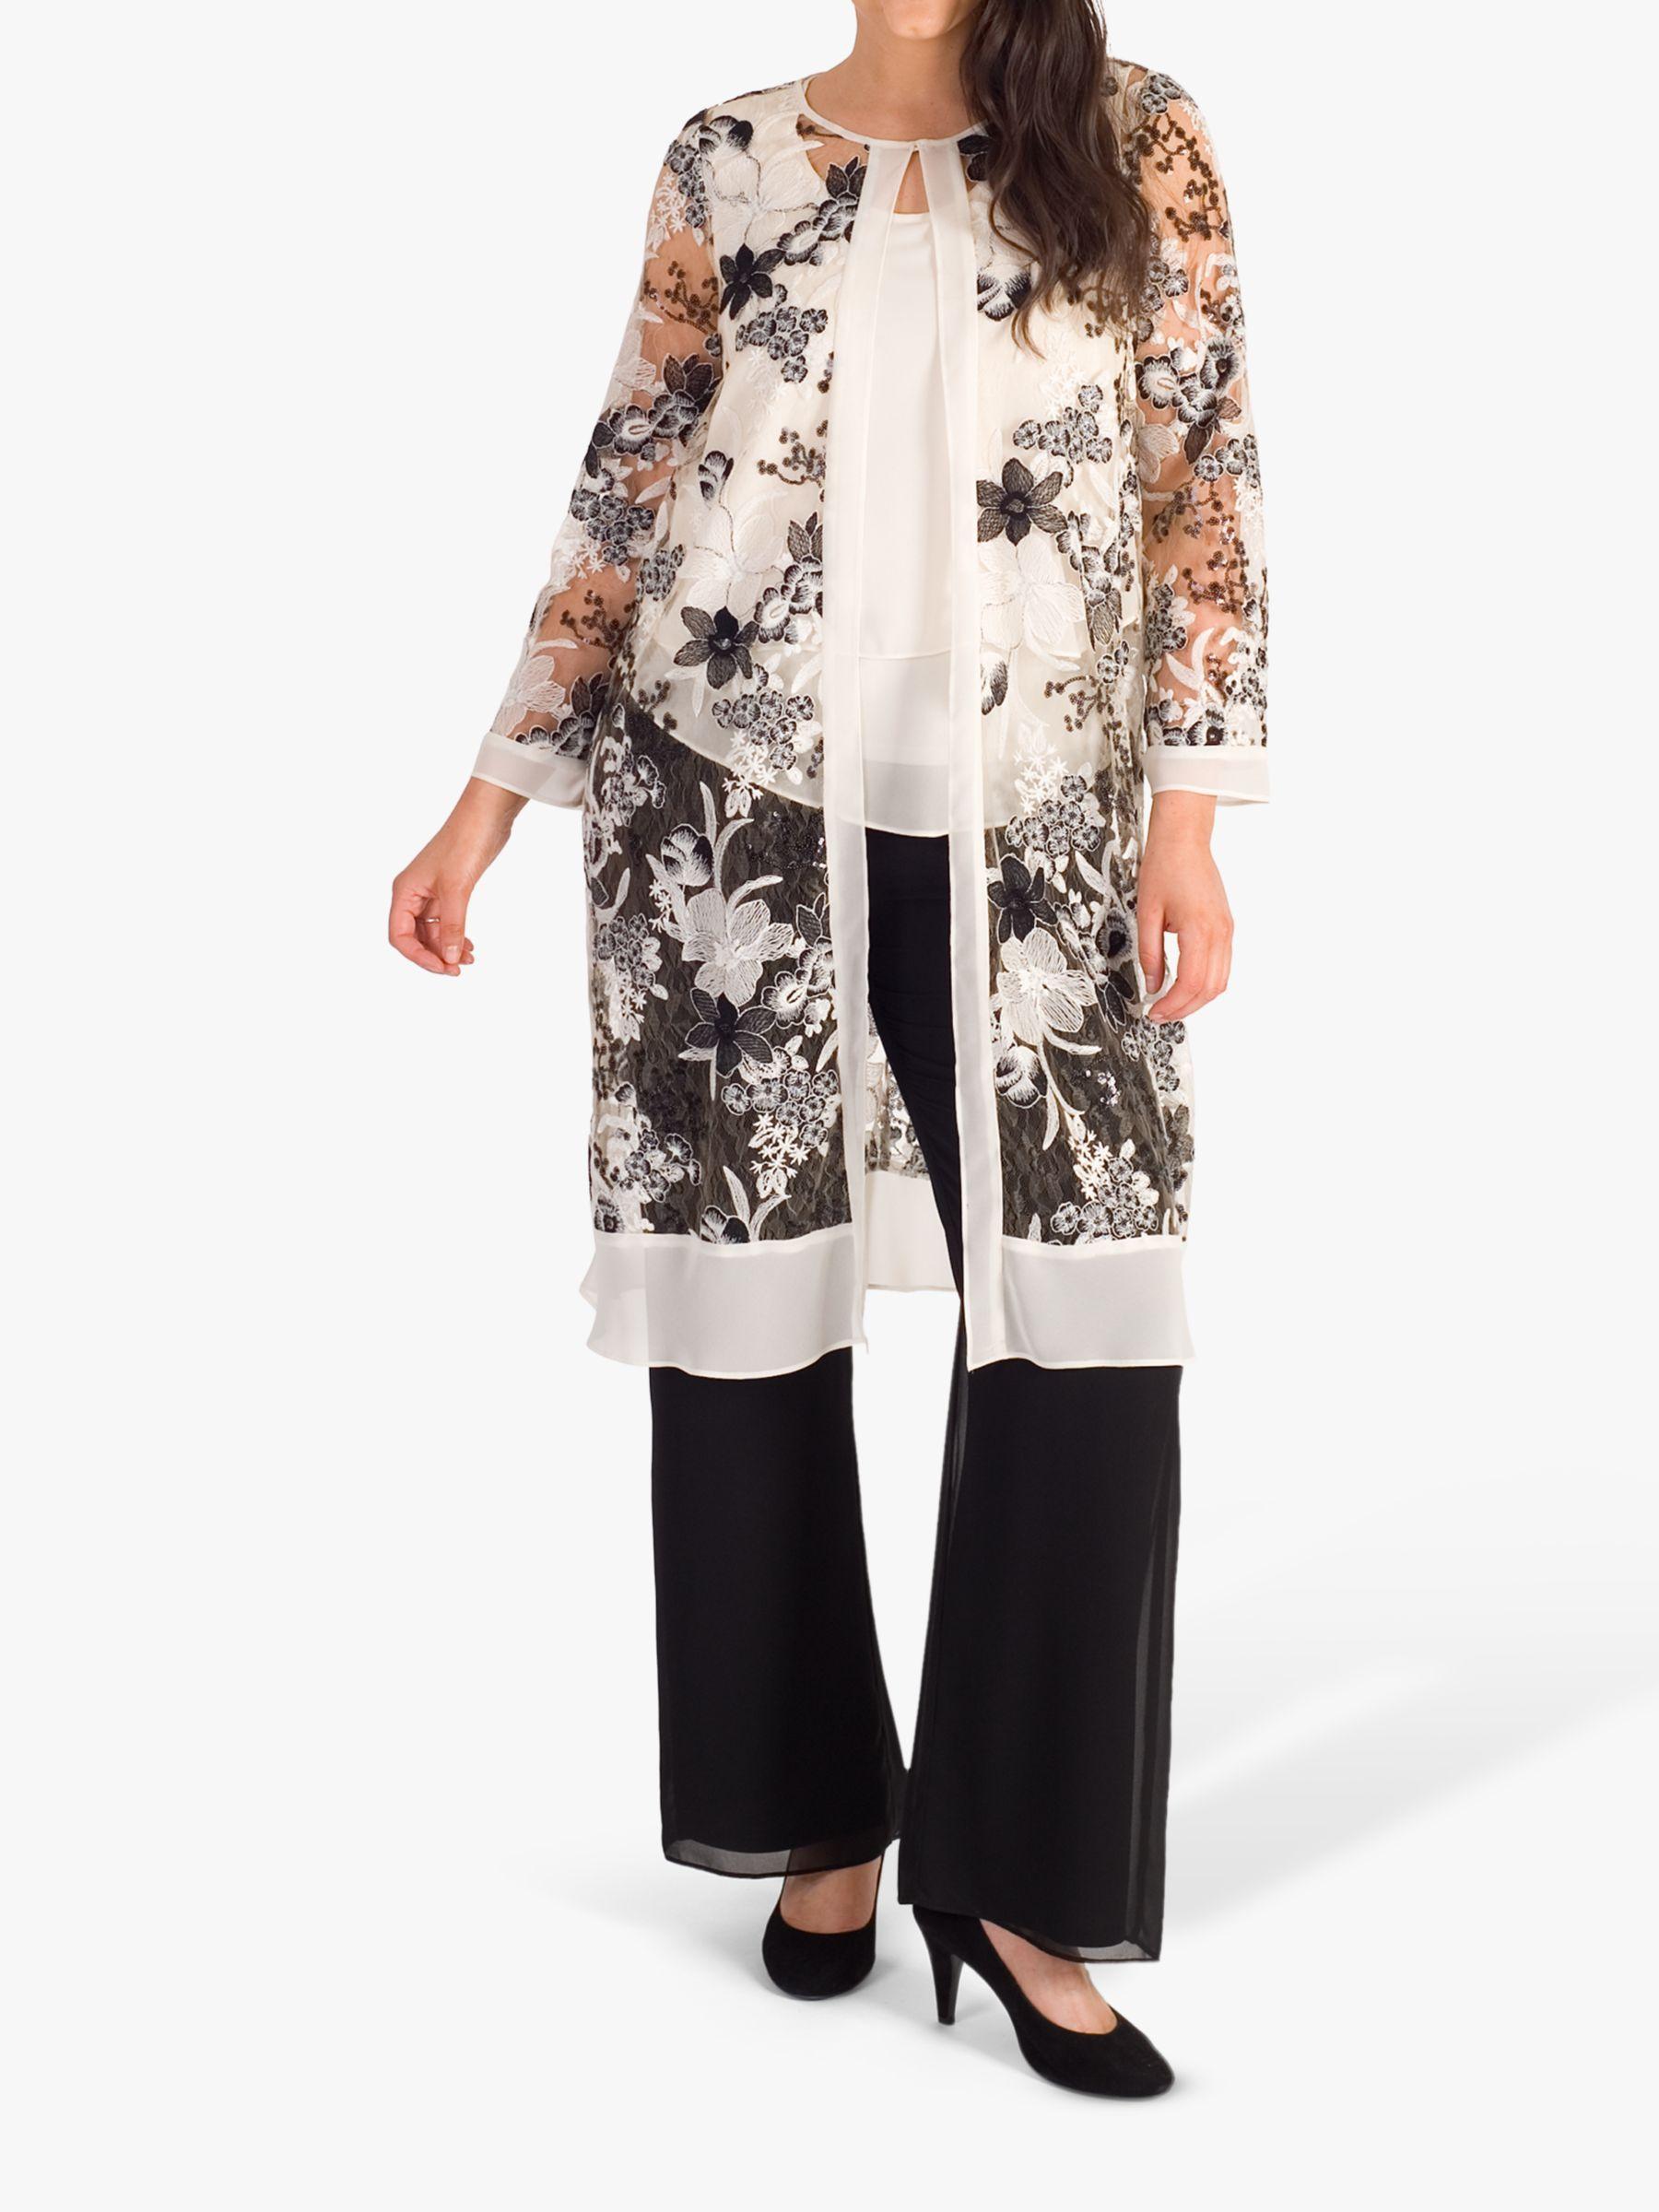 Chesca chesca Embroidered Sequin Coat, Black/Cream